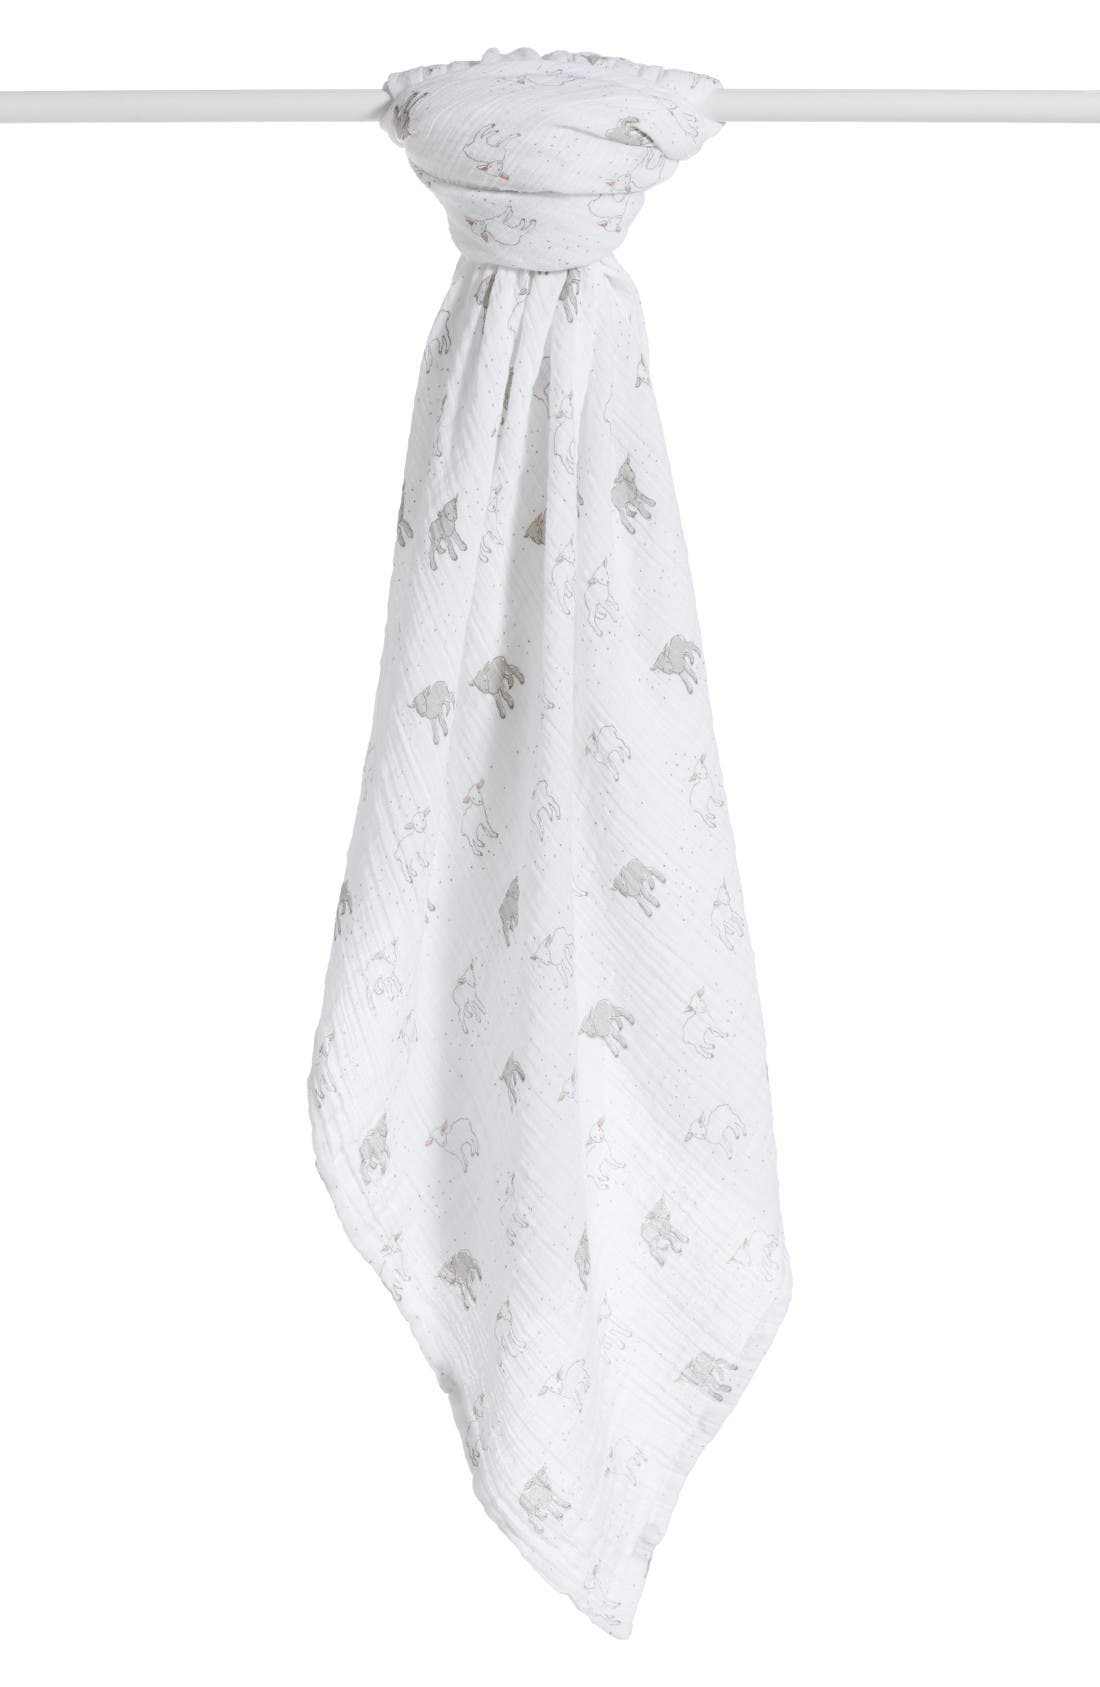 Little Lamb Swaddle Blanket,                             Alternate thumbnail 4, color,                             White